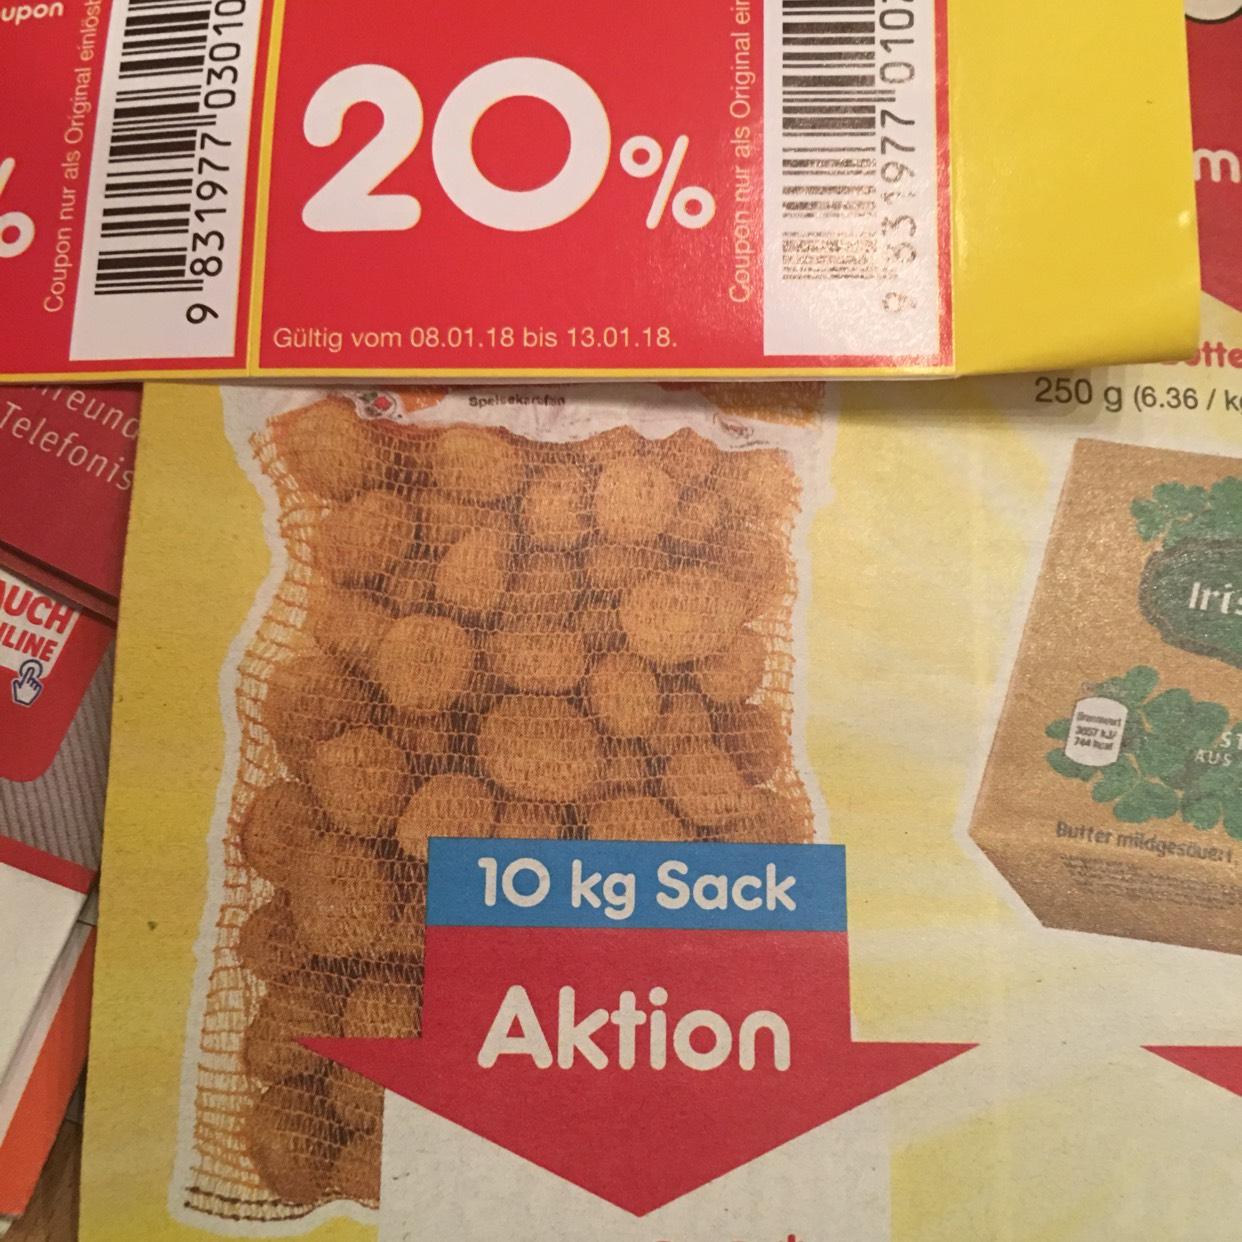 10 KG Kartoffeln für 1,78 € bei Netto Marken Discount nur am 13.01.